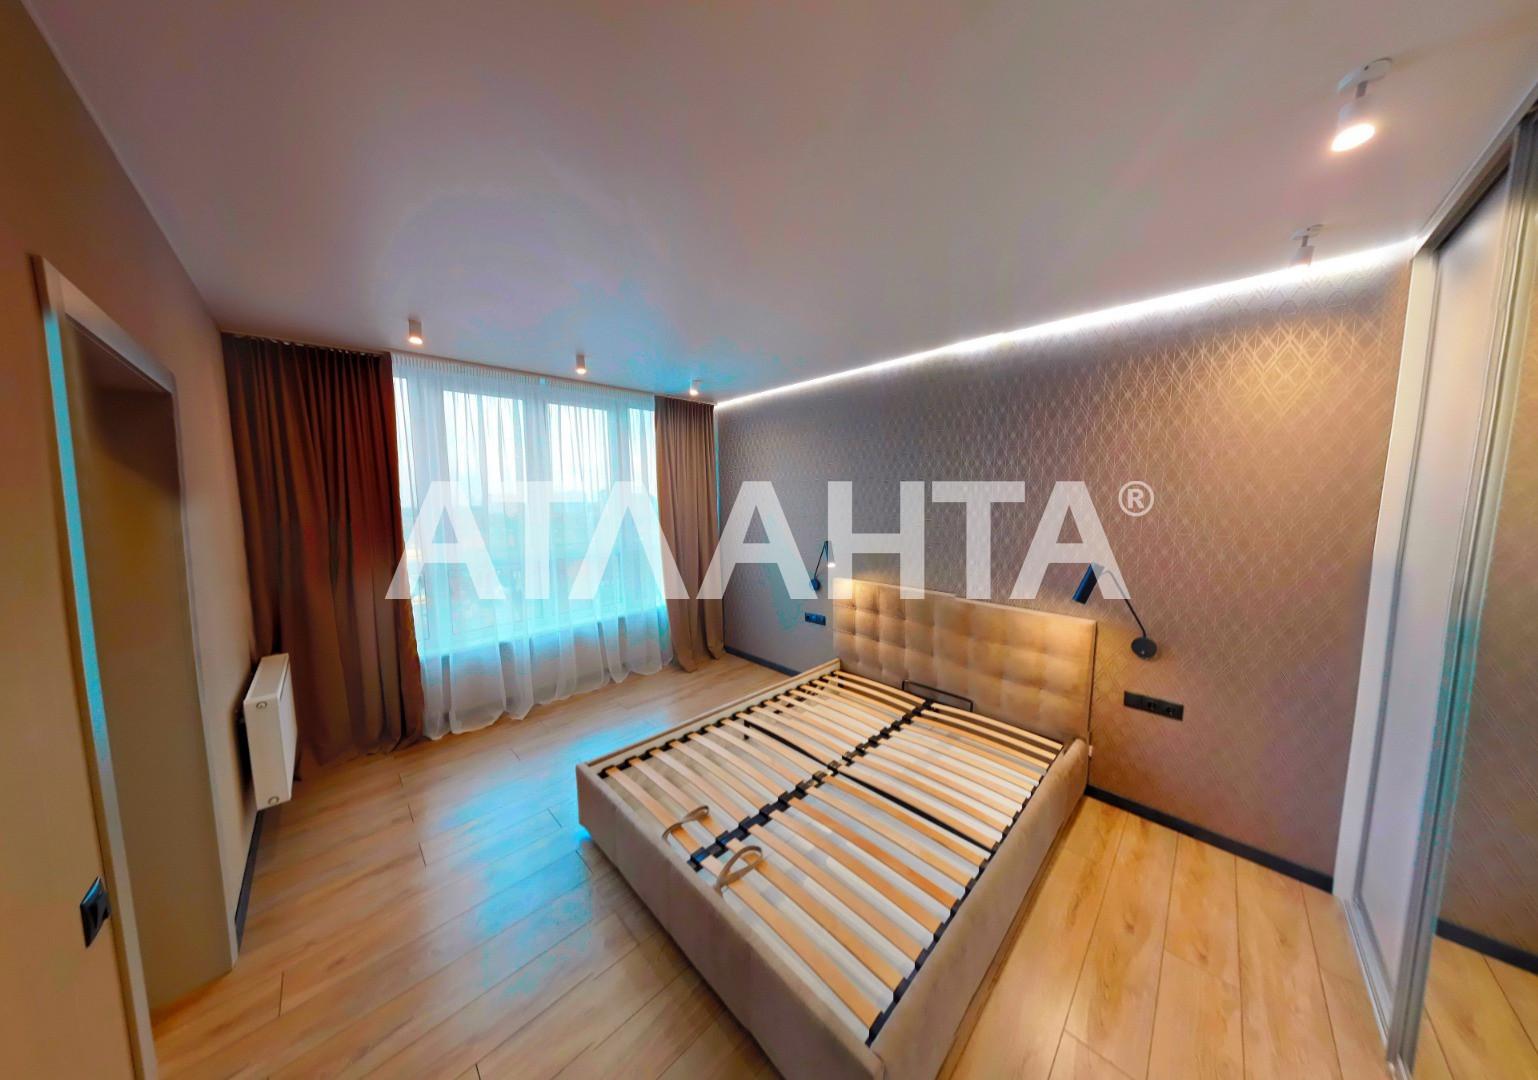 Продается 2-комнатная Квартира на ул. Конева — 86 000 у.е. (фото №8)